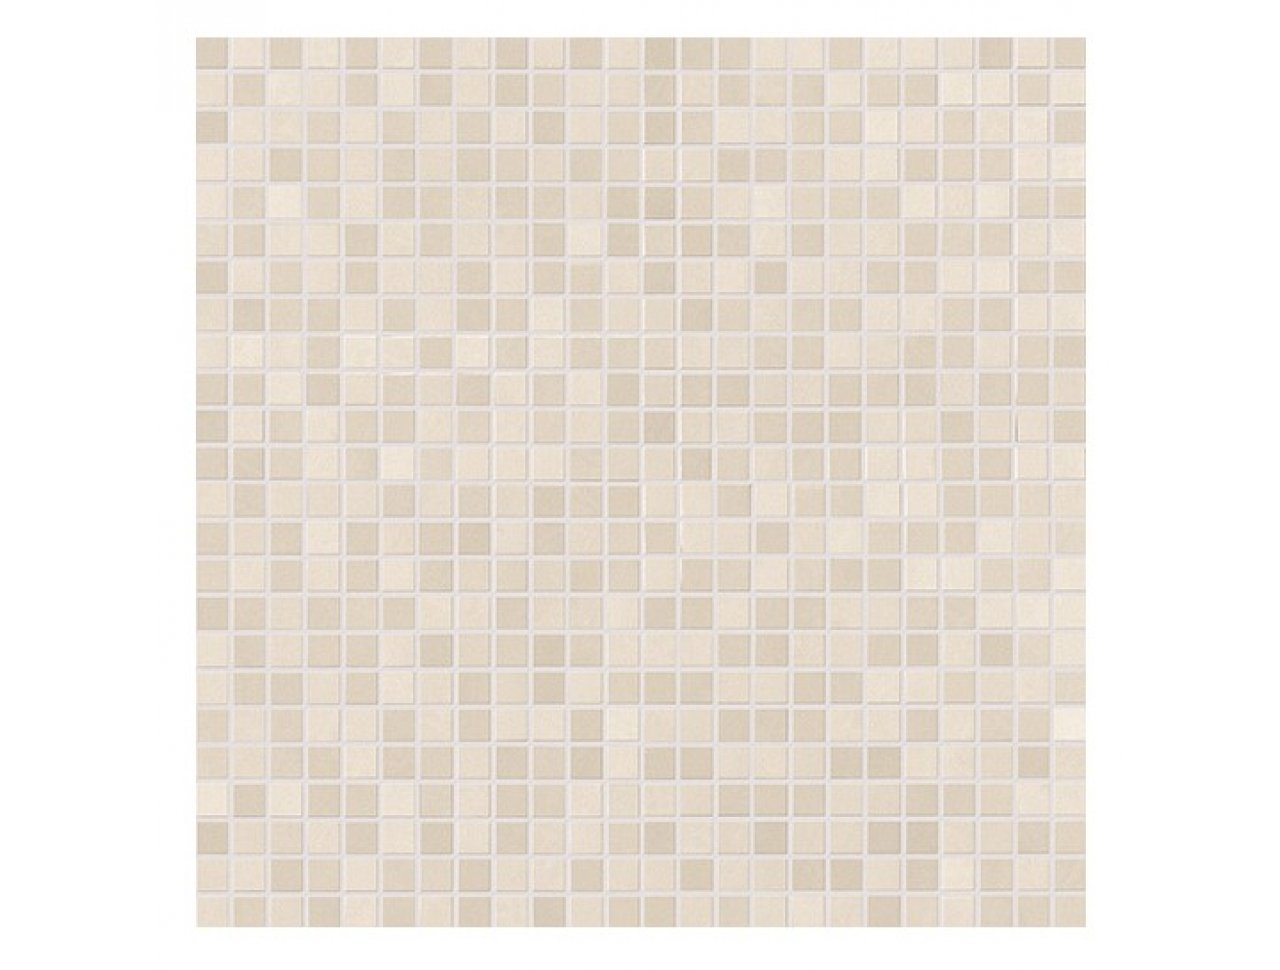 Мозаика FAP Color Now Beige Micromosaico 30.5 x 30.5 см, Арт. fMS9